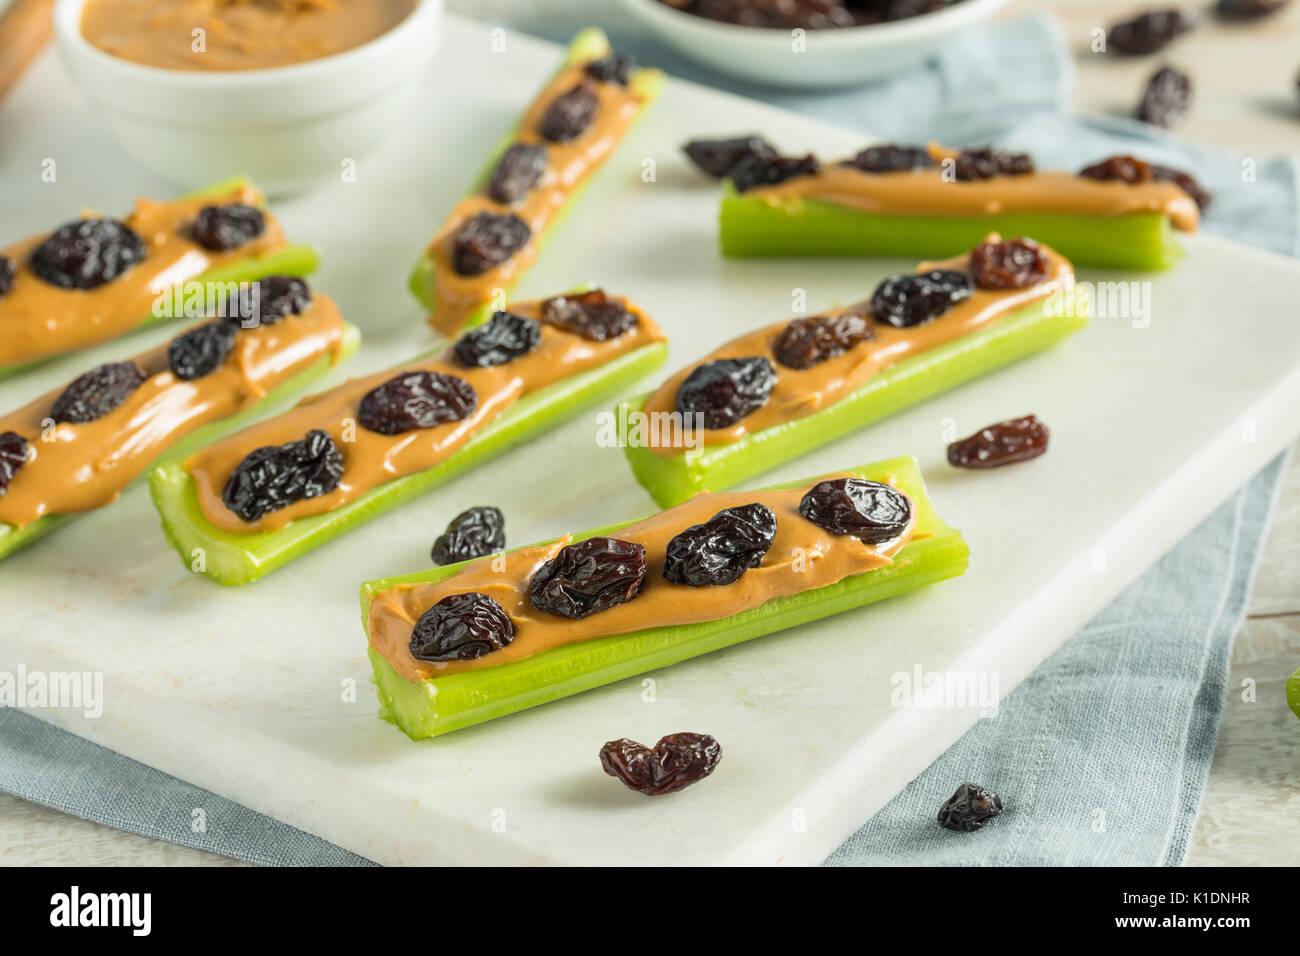 Des fourmis sur un journal Snack avec du beurre d'arachides et raisins Céleri Banque D'Images